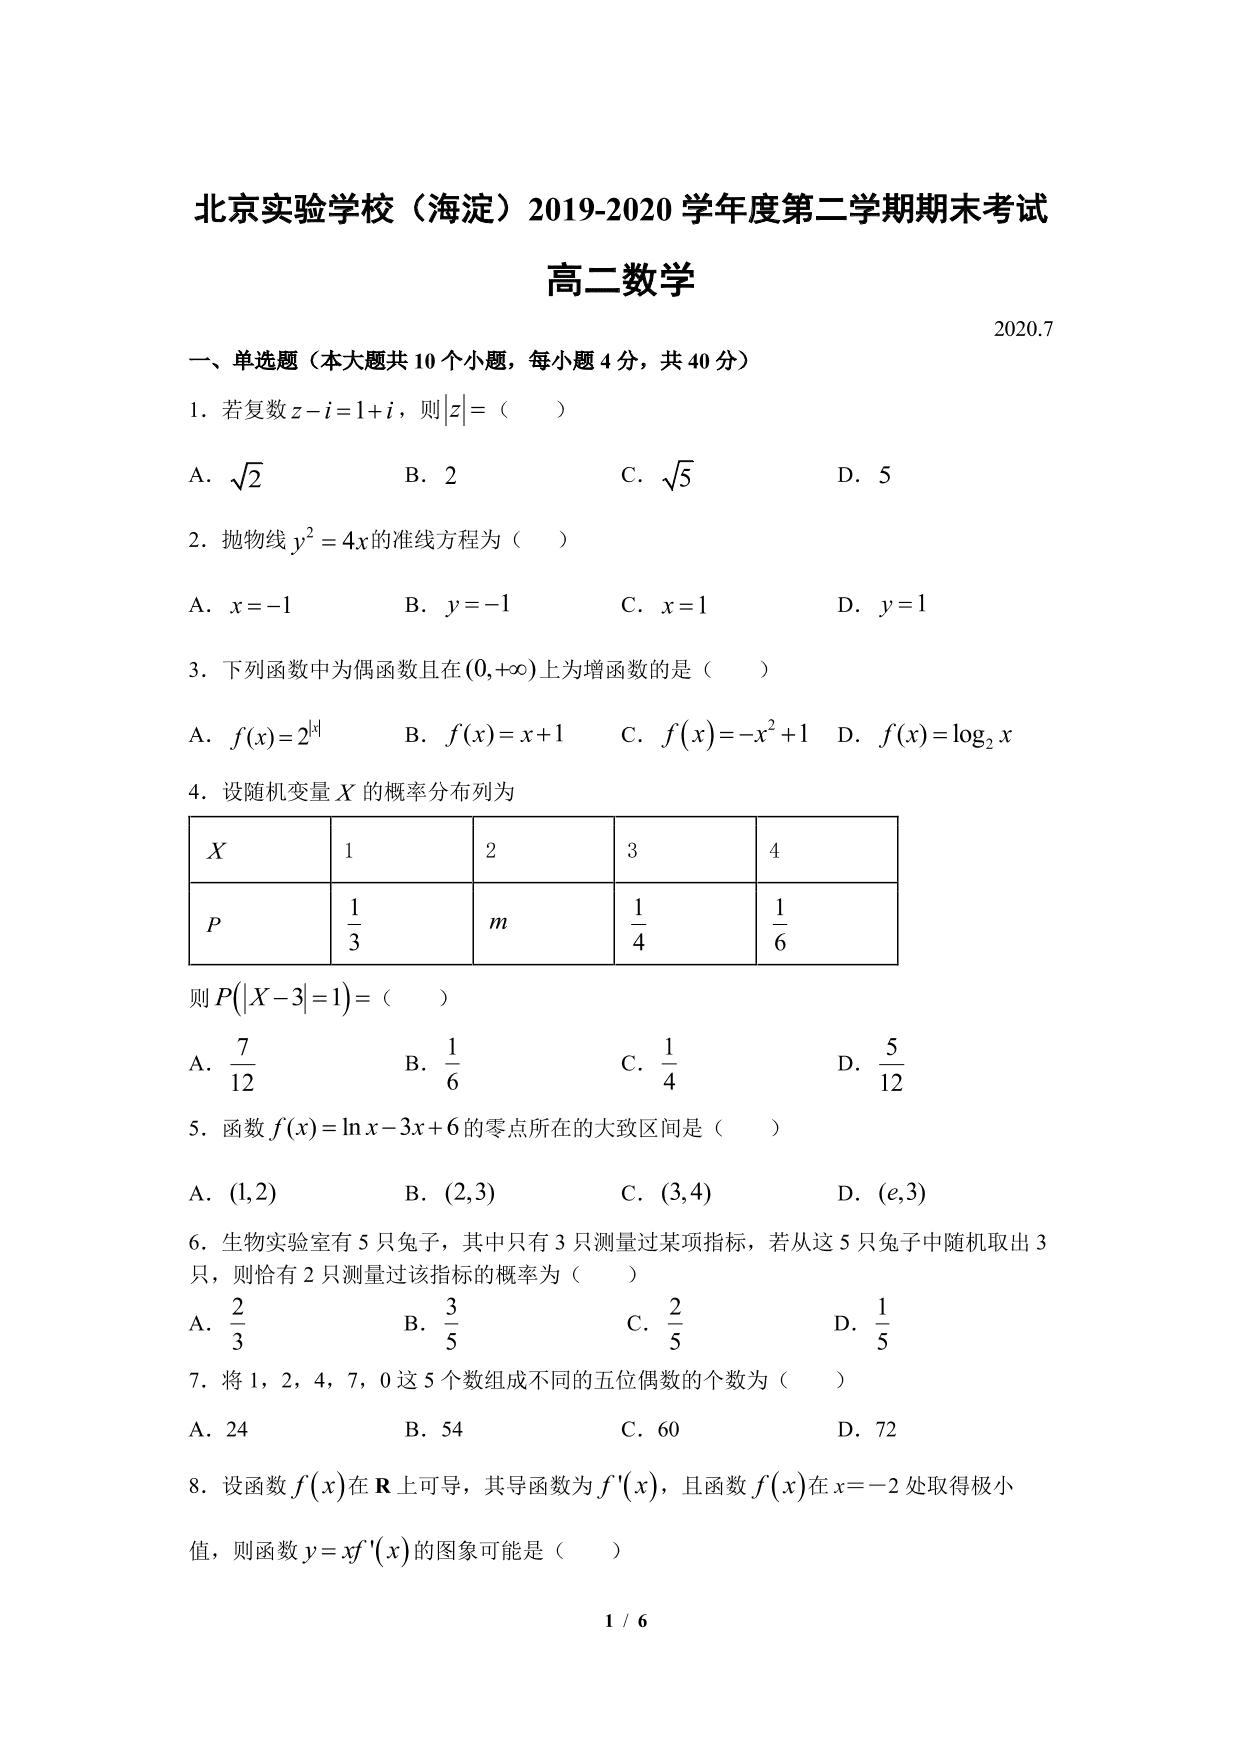 北京实验学校(海淀)高二2019-2020 学年度第二学期期末考试 数学 试卷(PDF版无答案)